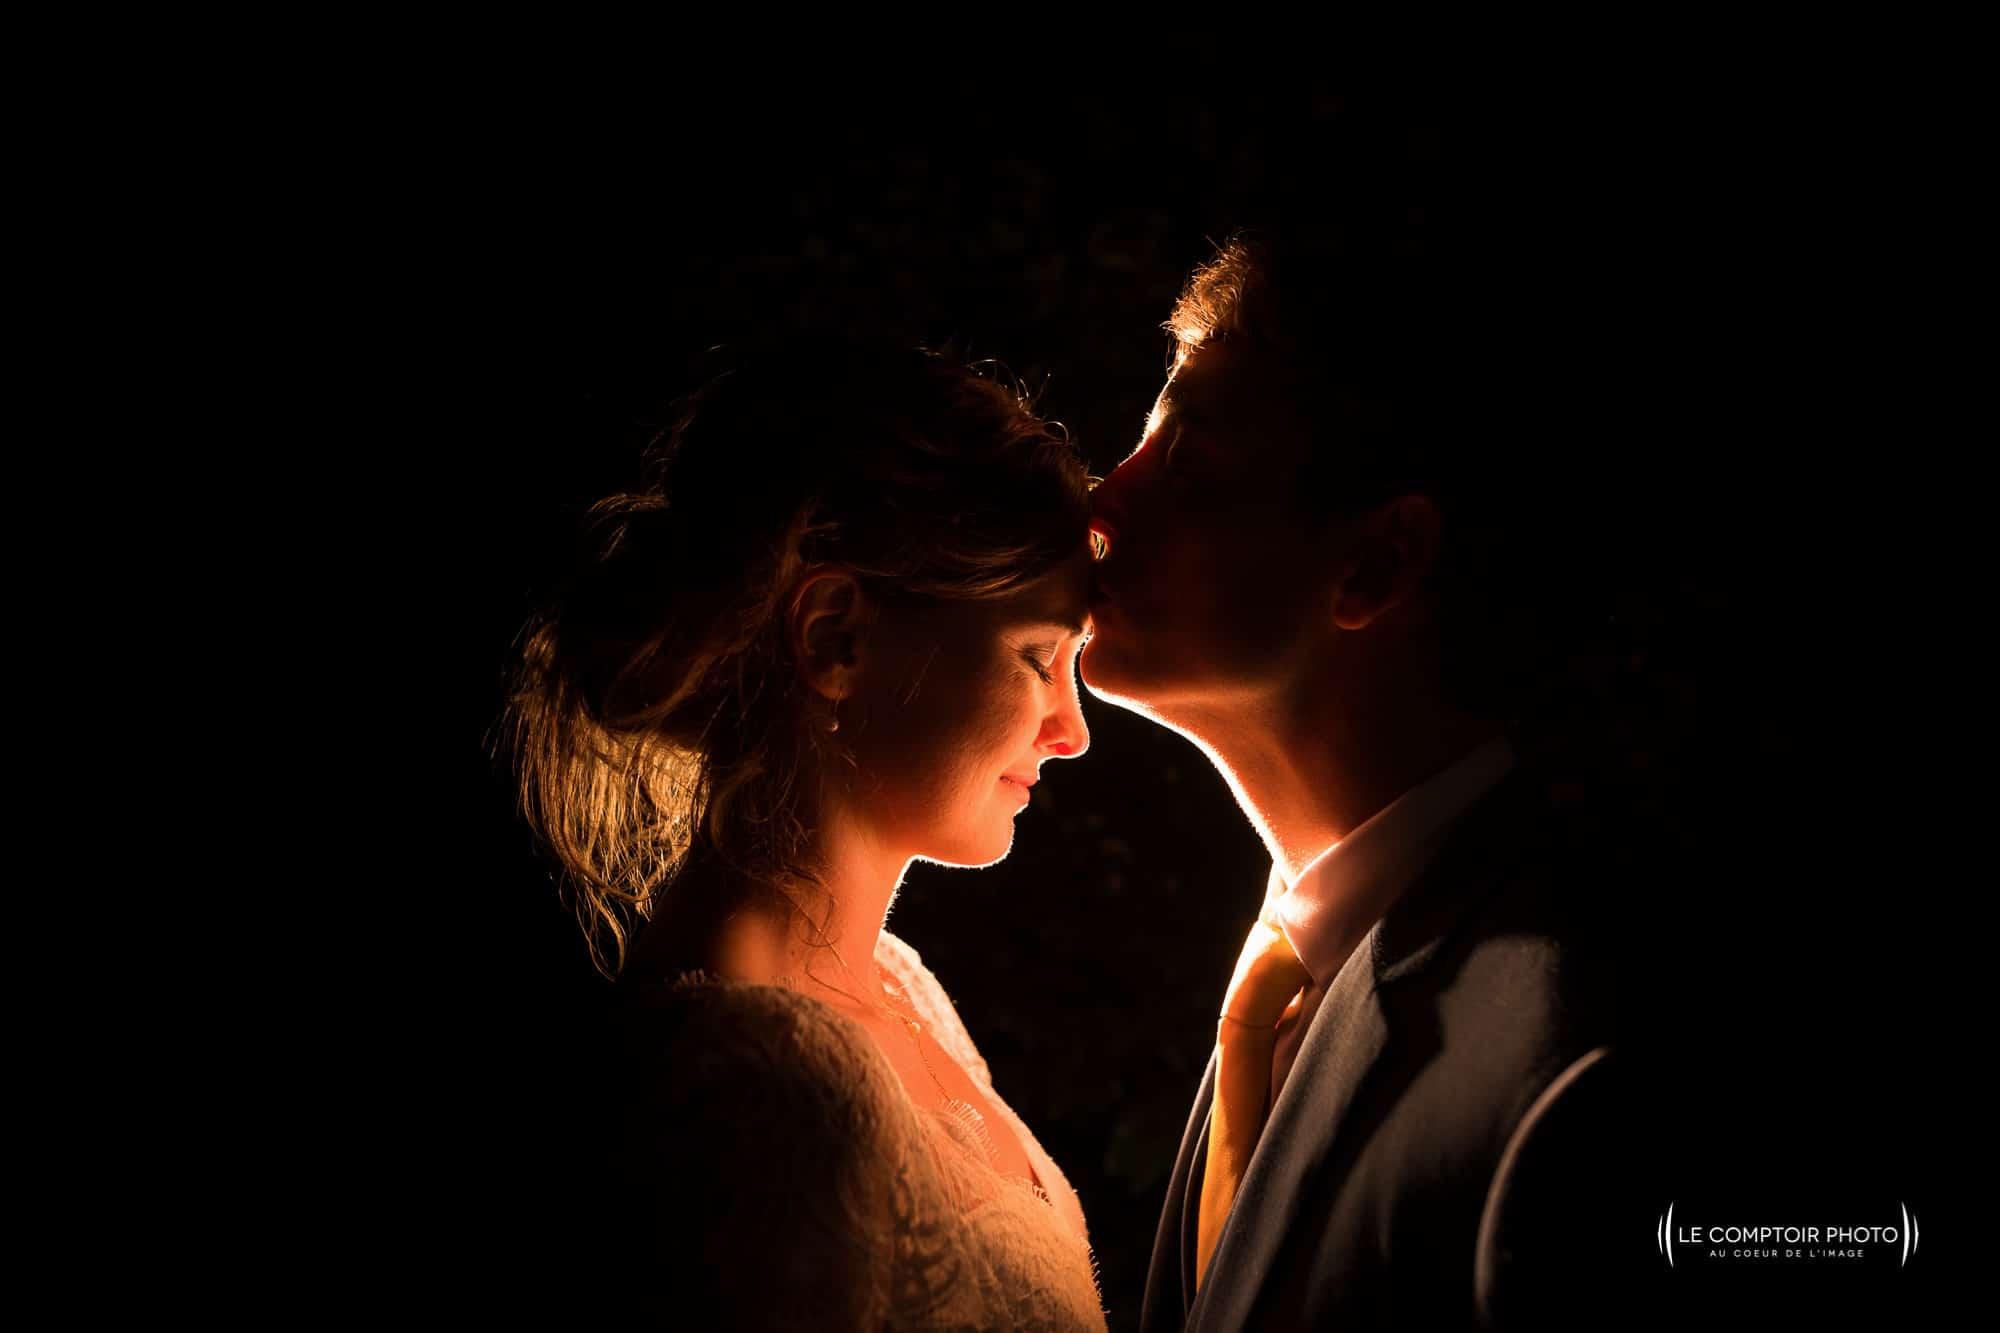 Photographe de mariage à Binic & Etables-sur-mer - cotes-d'armor